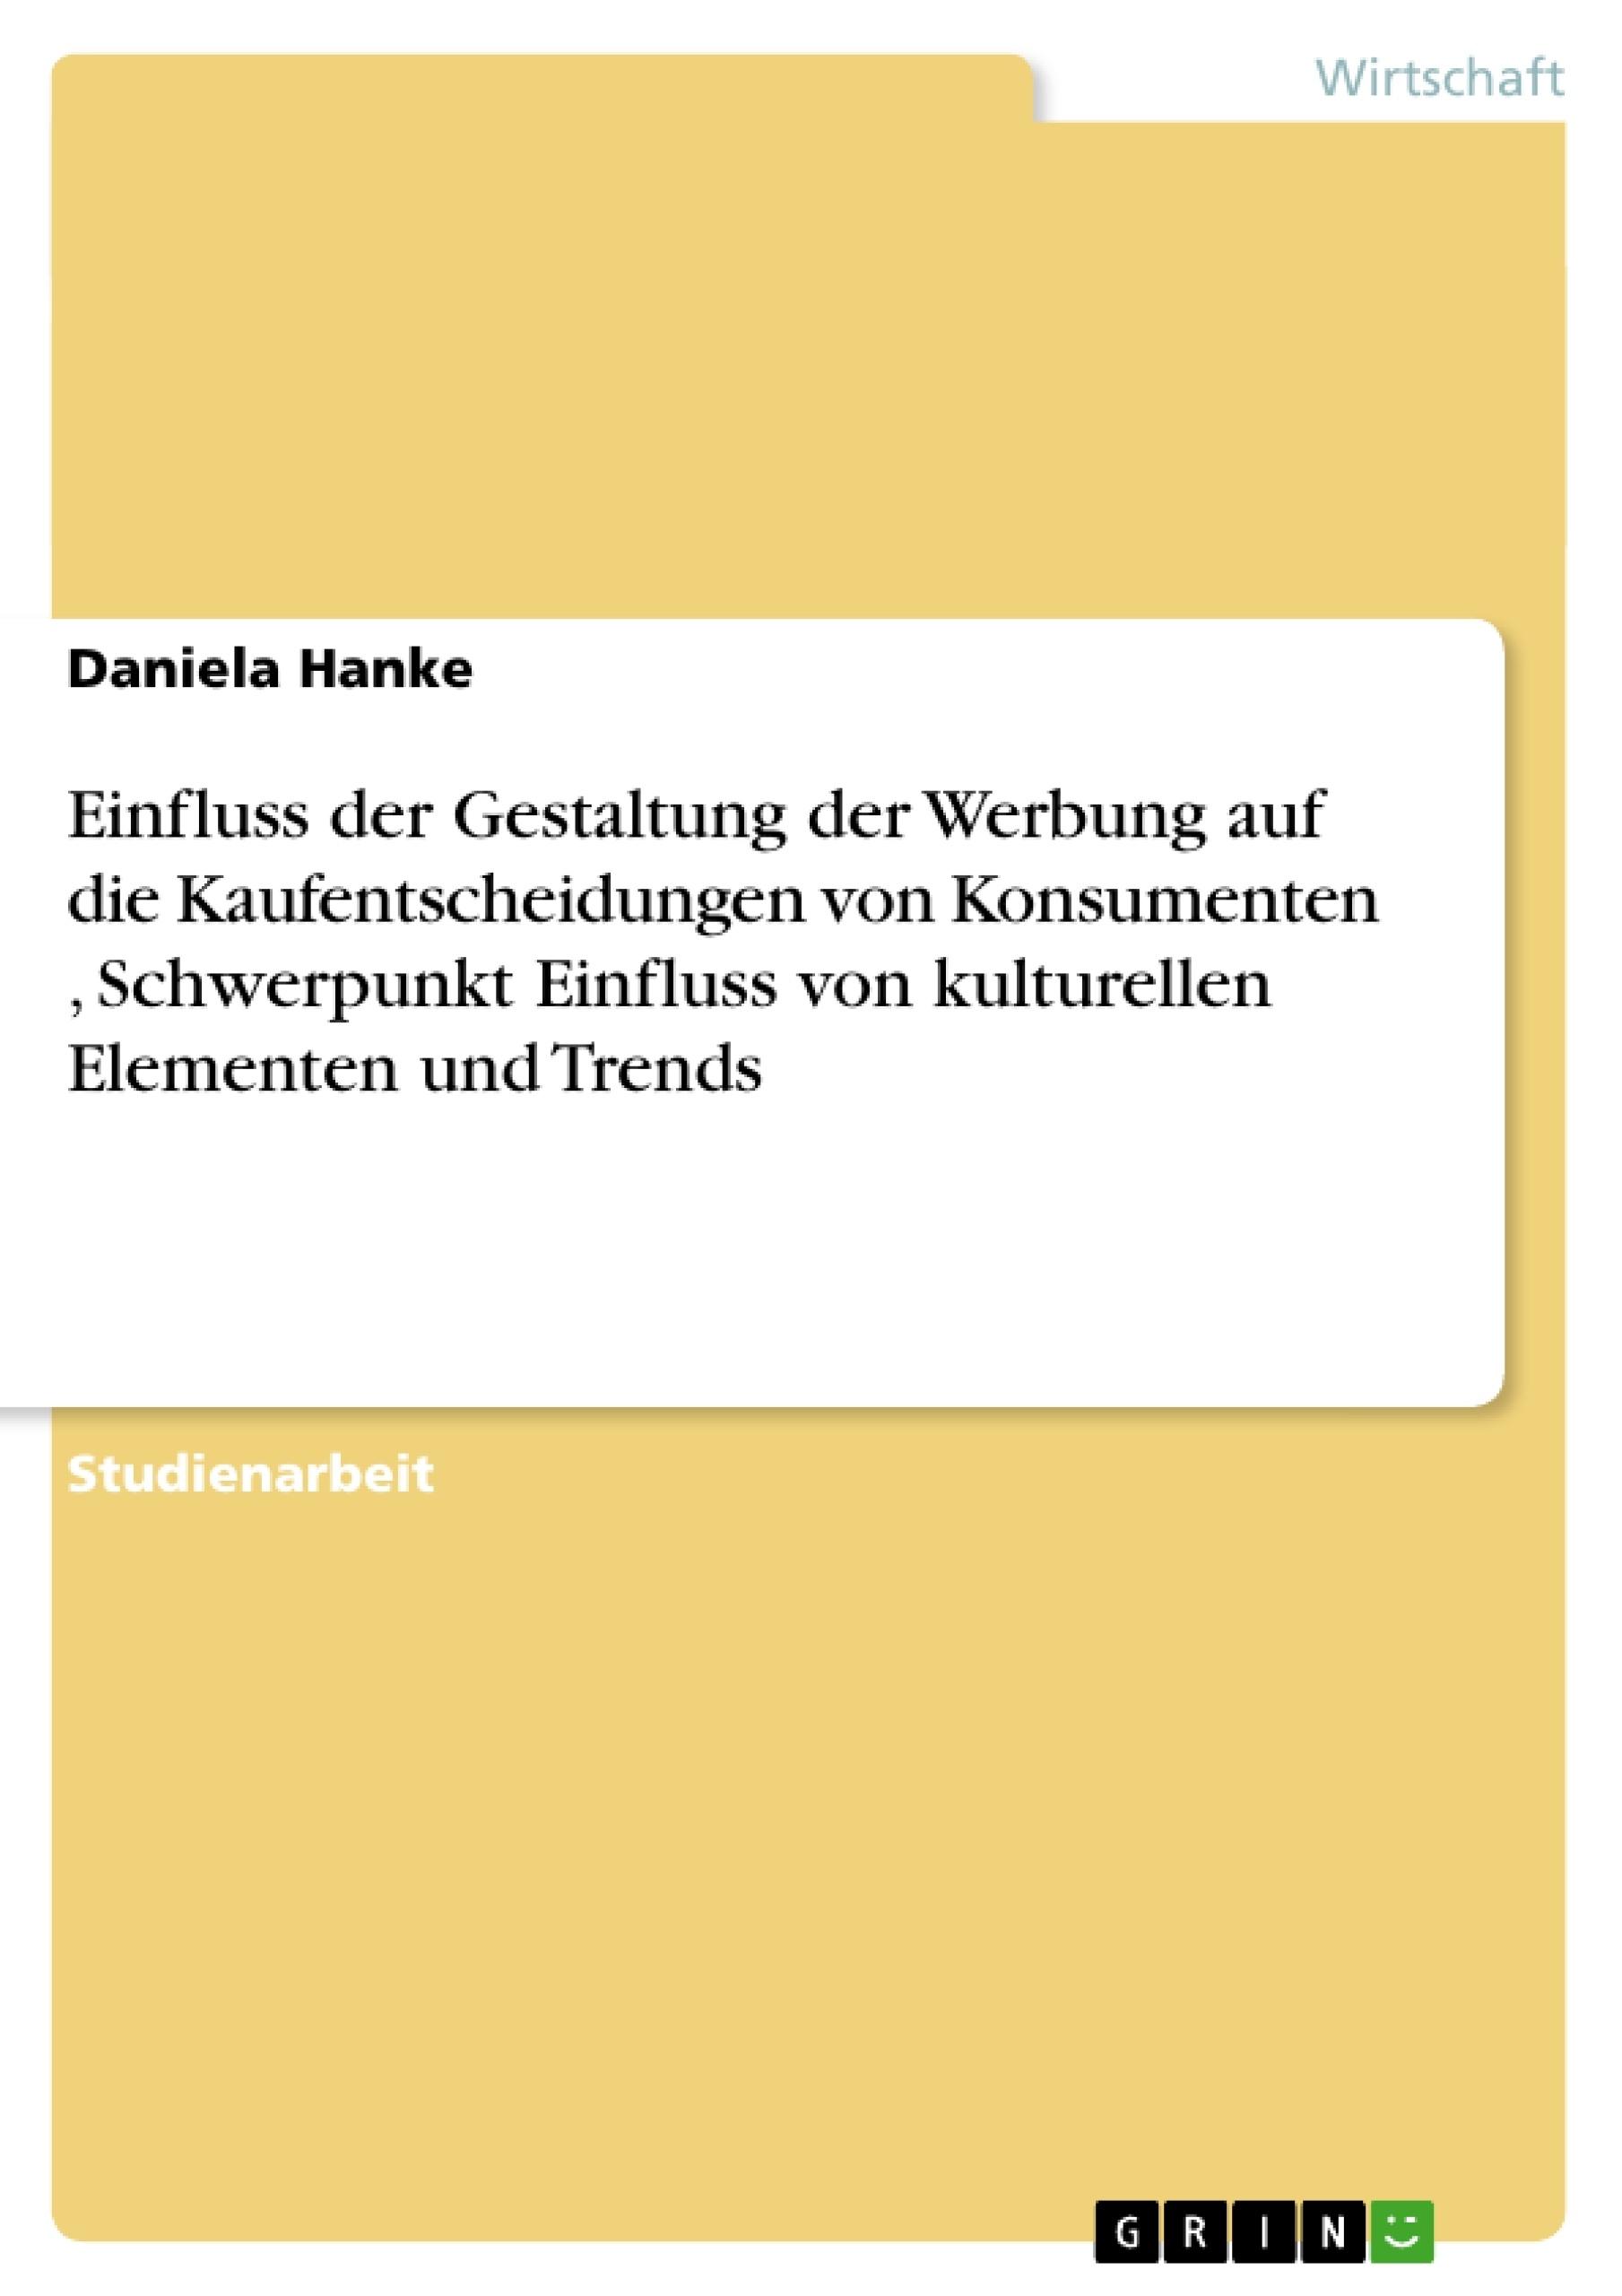 Titel: Einfluss der Gestaltung der Werbung auf die Kaufentscheidungen von Konsumenten , Schwerpunkt Einfluss von kulturellen Elementen und Trends